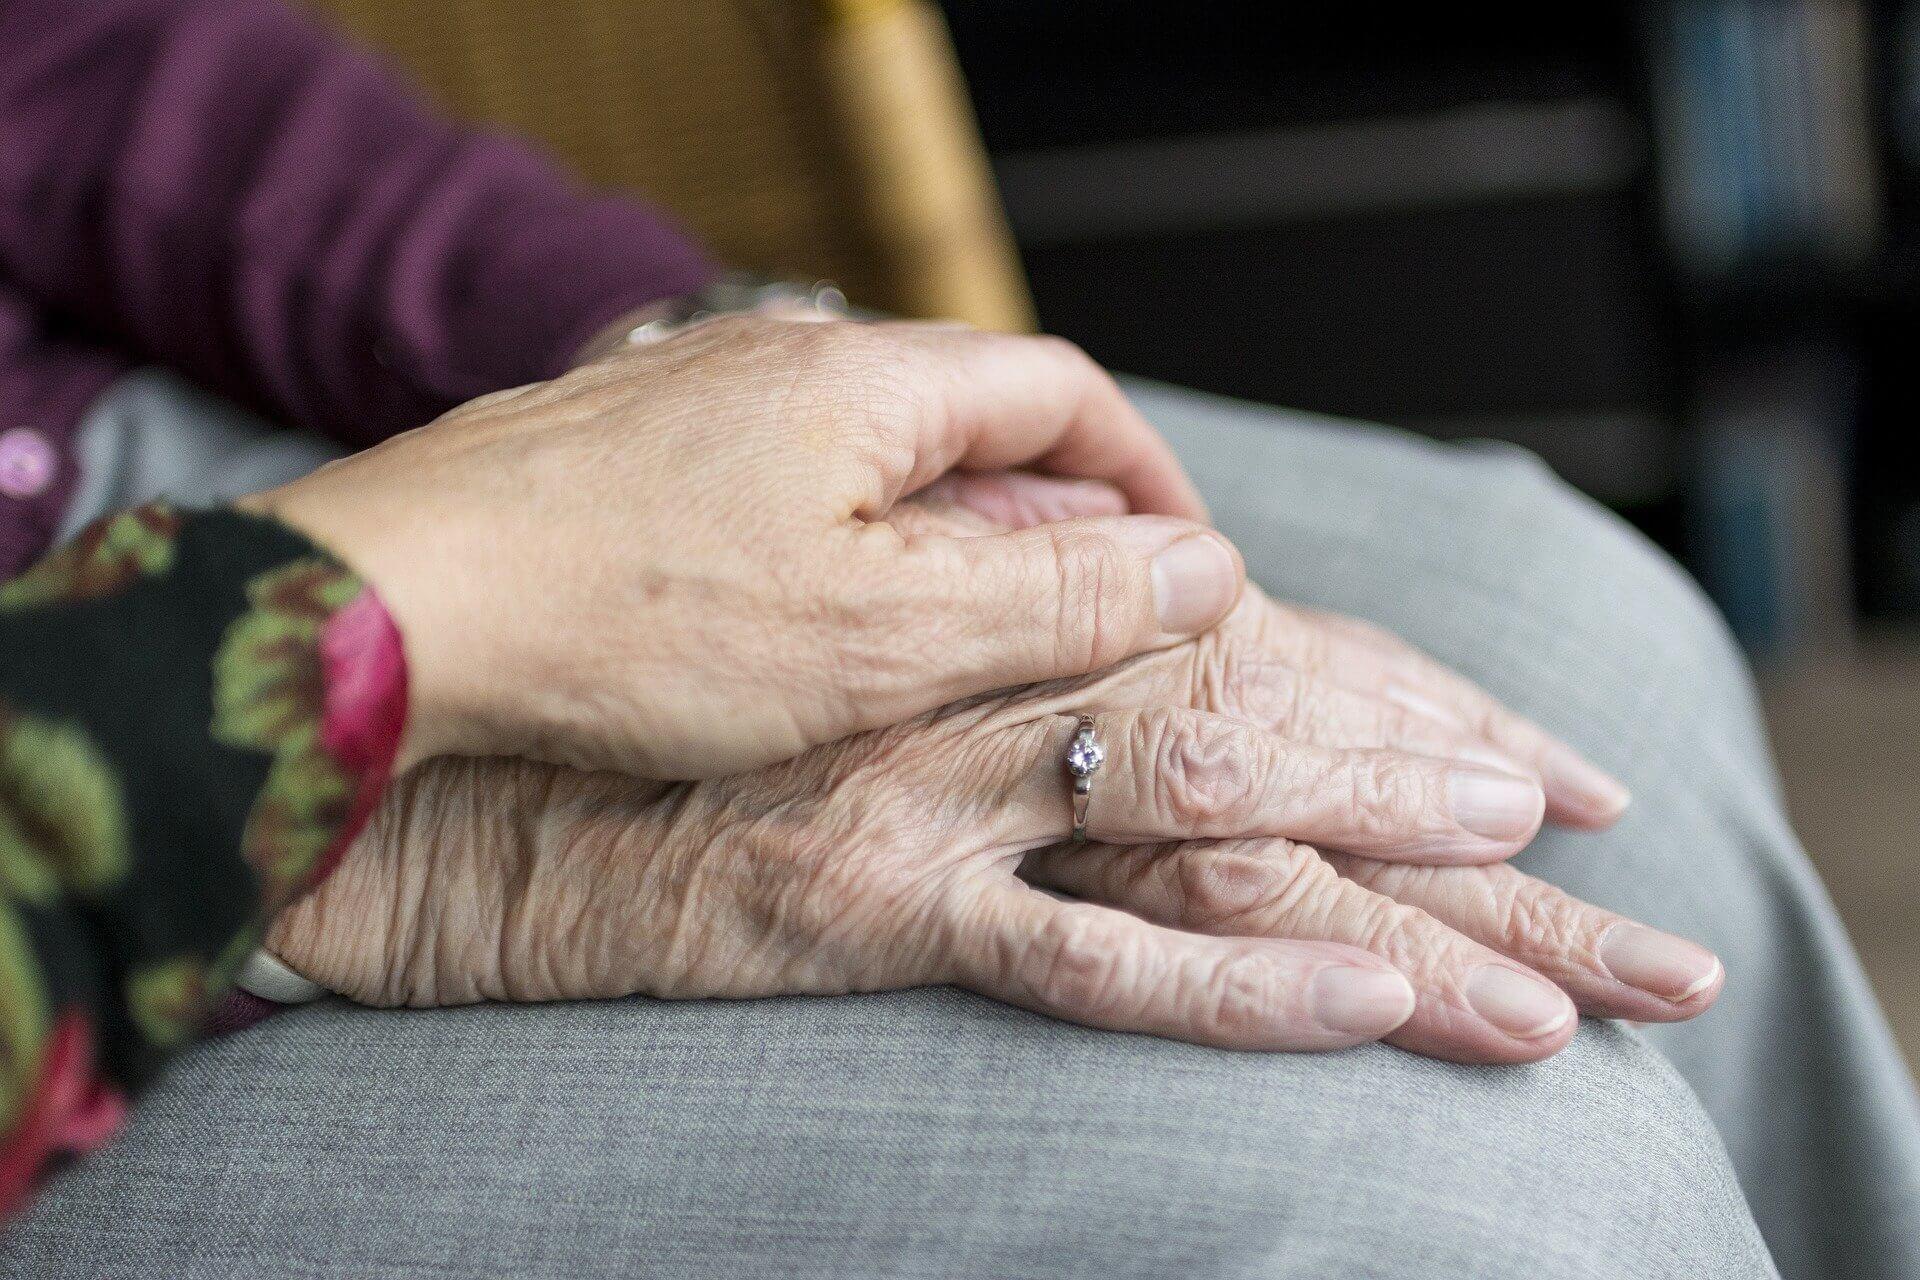 enfermedades comunes en personas mayores